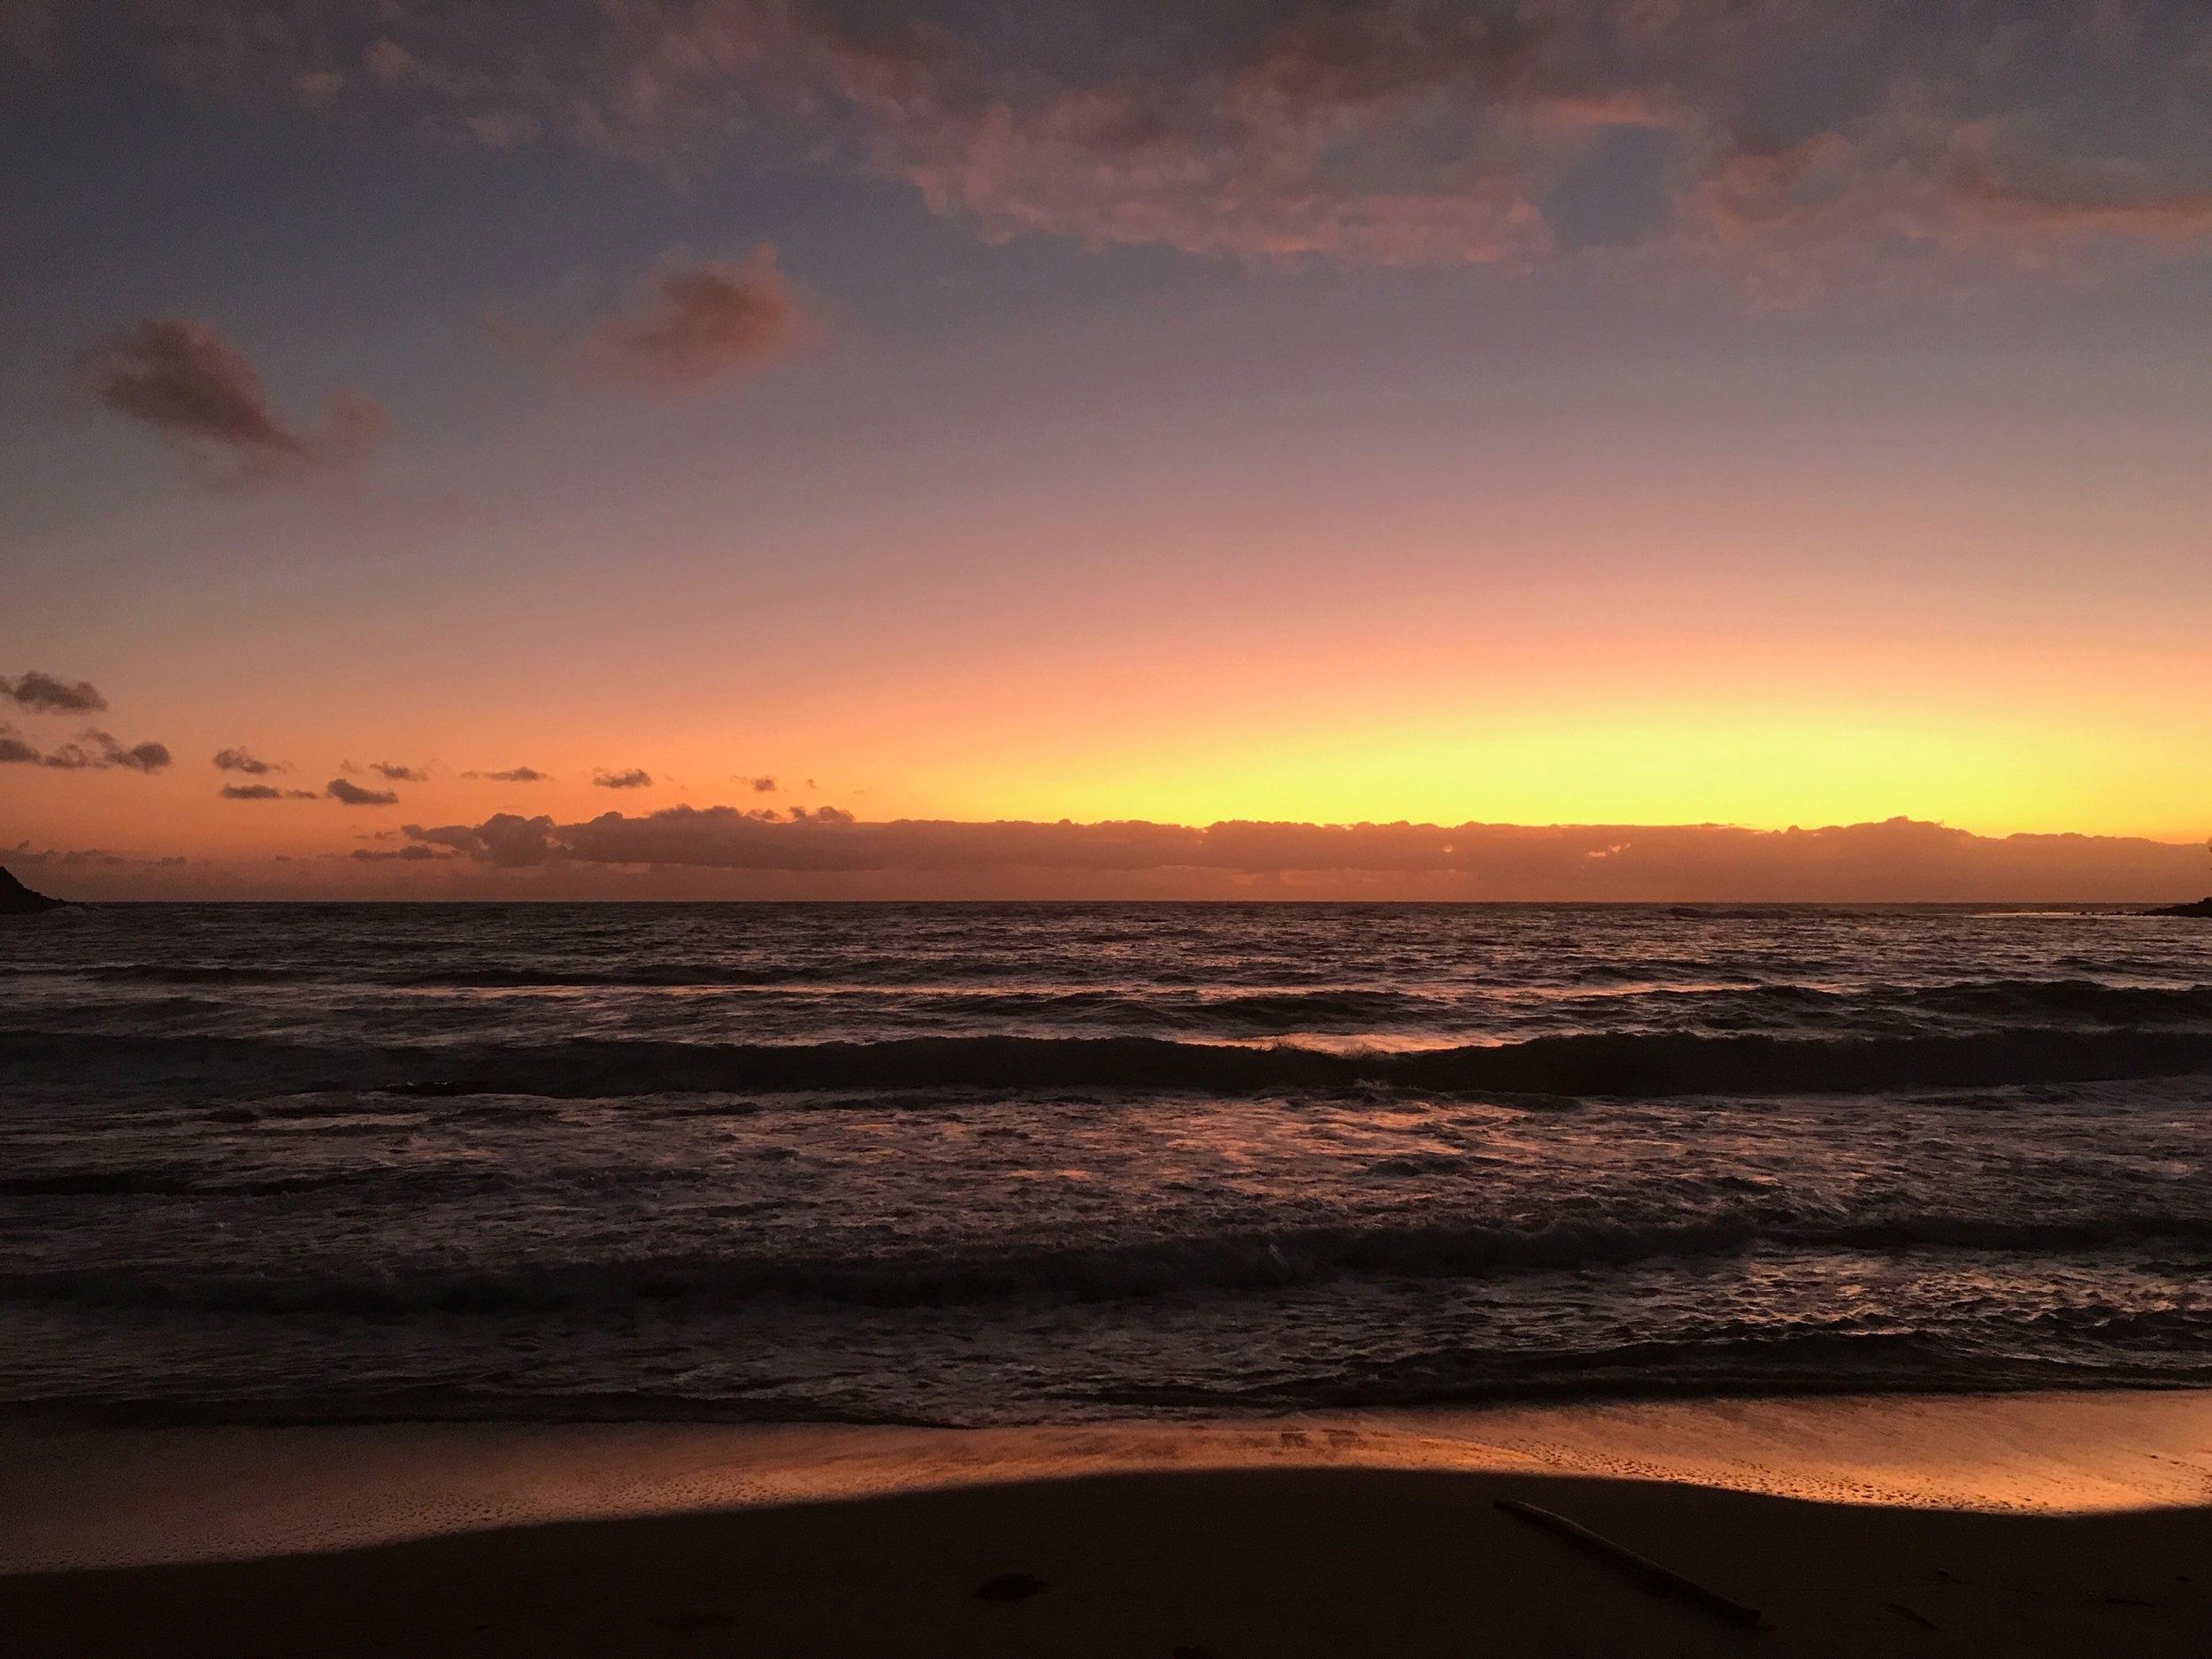 宮古島はどんな朝日、夕日を見せてくれるだろう。。。今からワクワクするよ〜